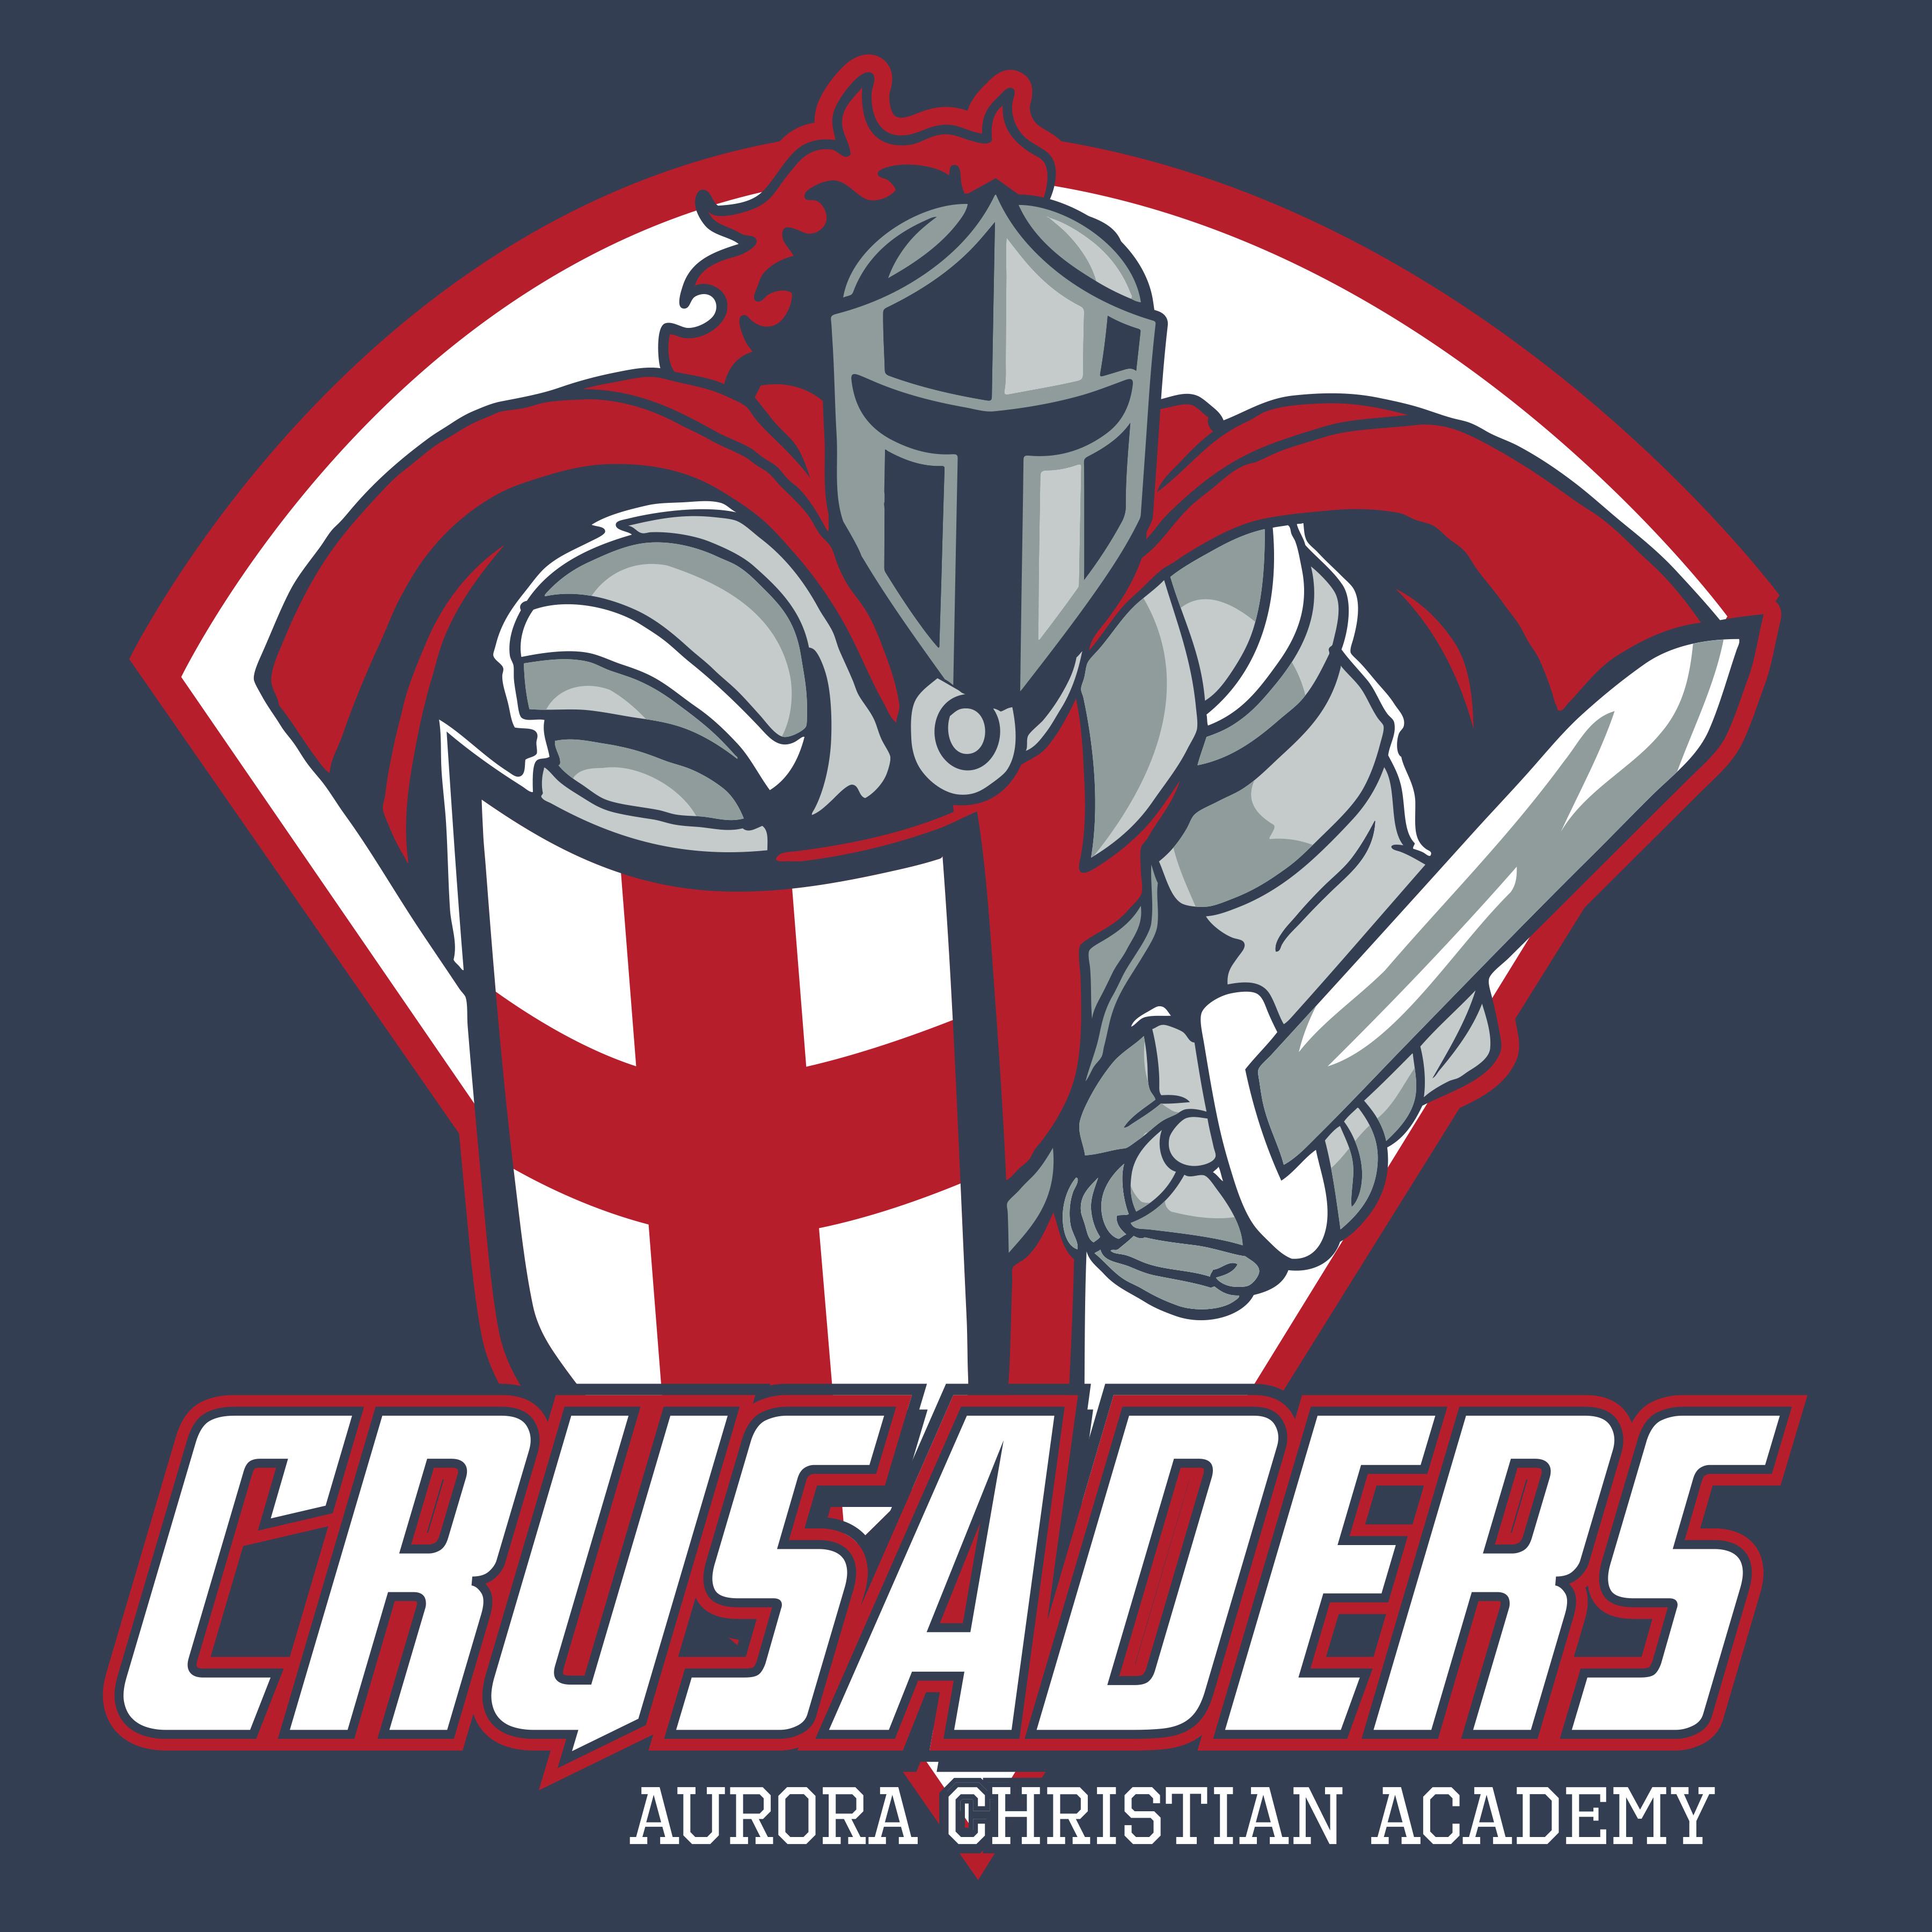 Aurora Christian Academy